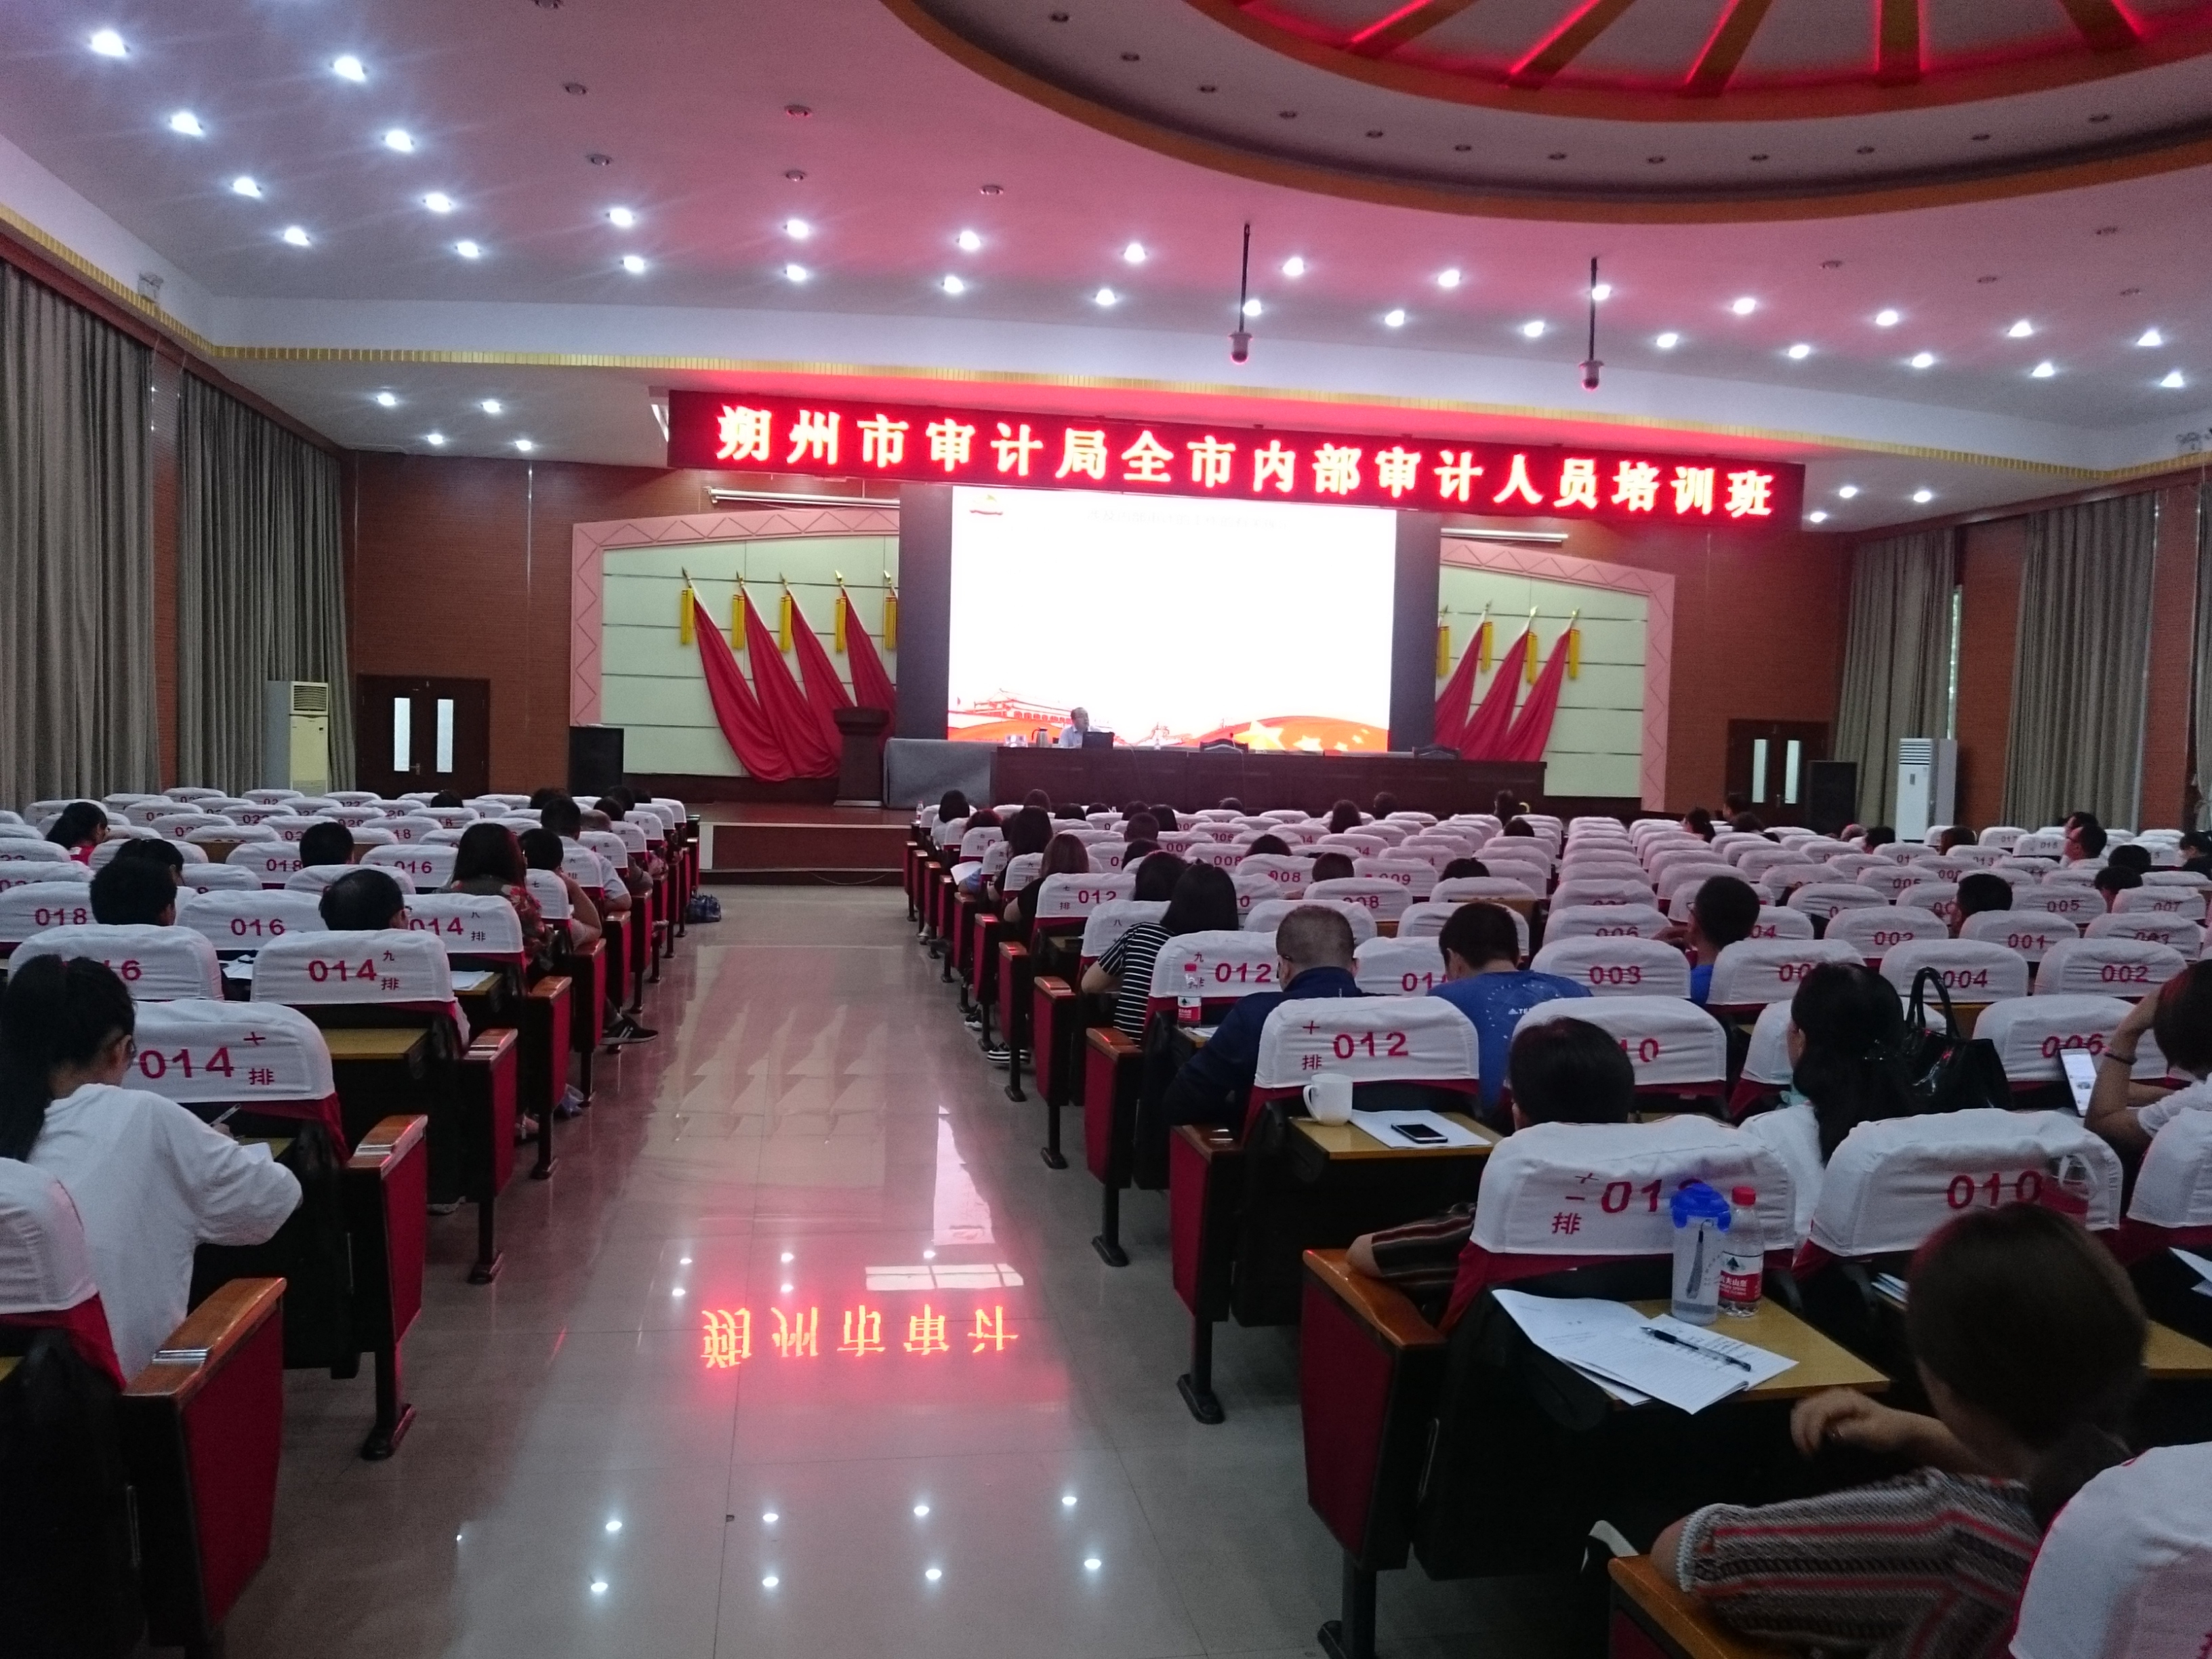 朔州市审计局组织全市内部审计人员培训